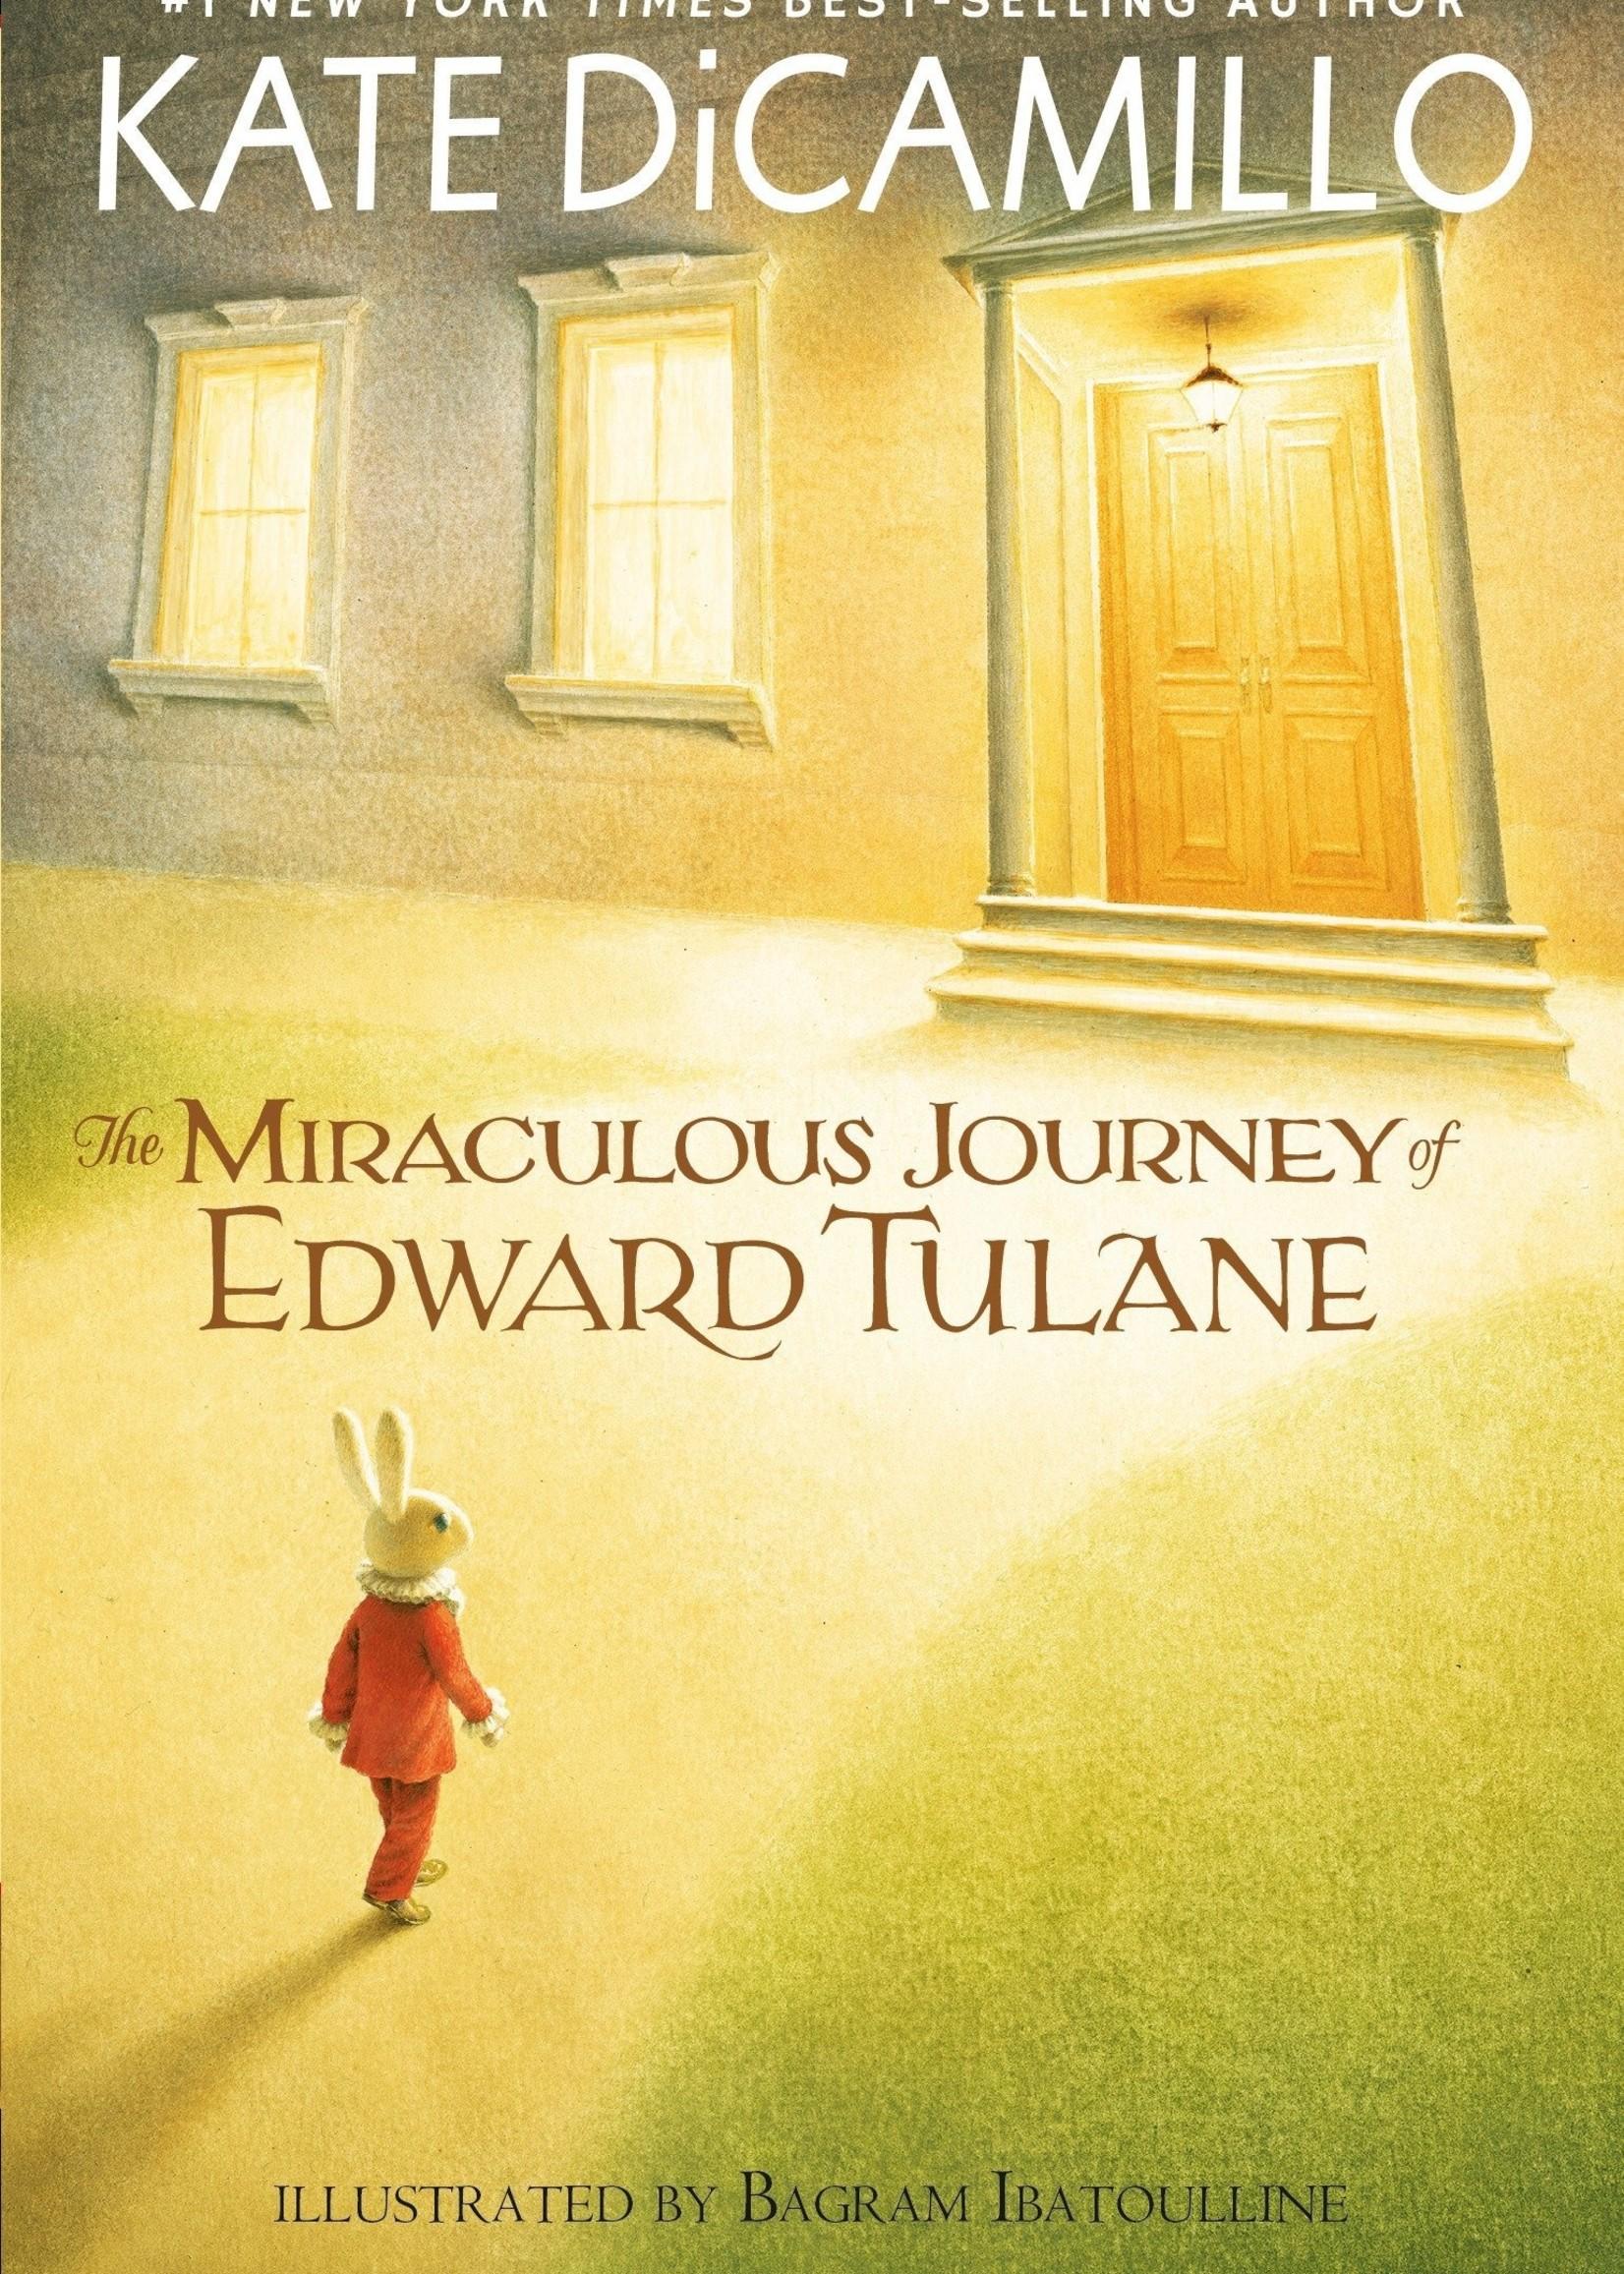 The Miraculous Journey of Edward Tulane - Paperback